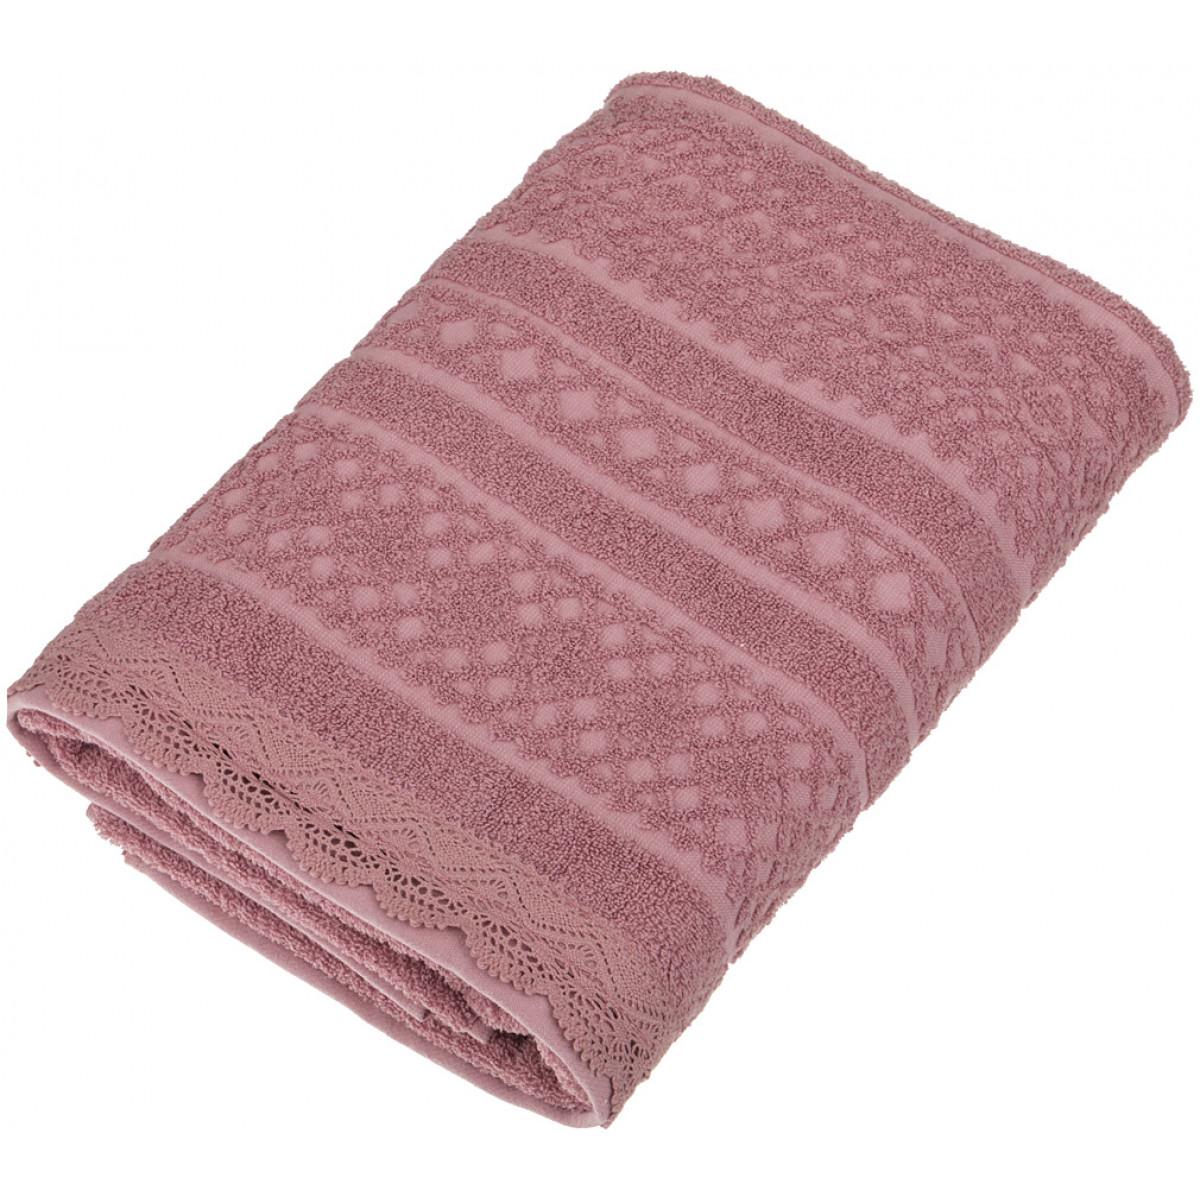 Полотенца Santalino Полотенце Dodie  (50х90 см) полотенце денастия полотенце денастия 50х90 см хлопок